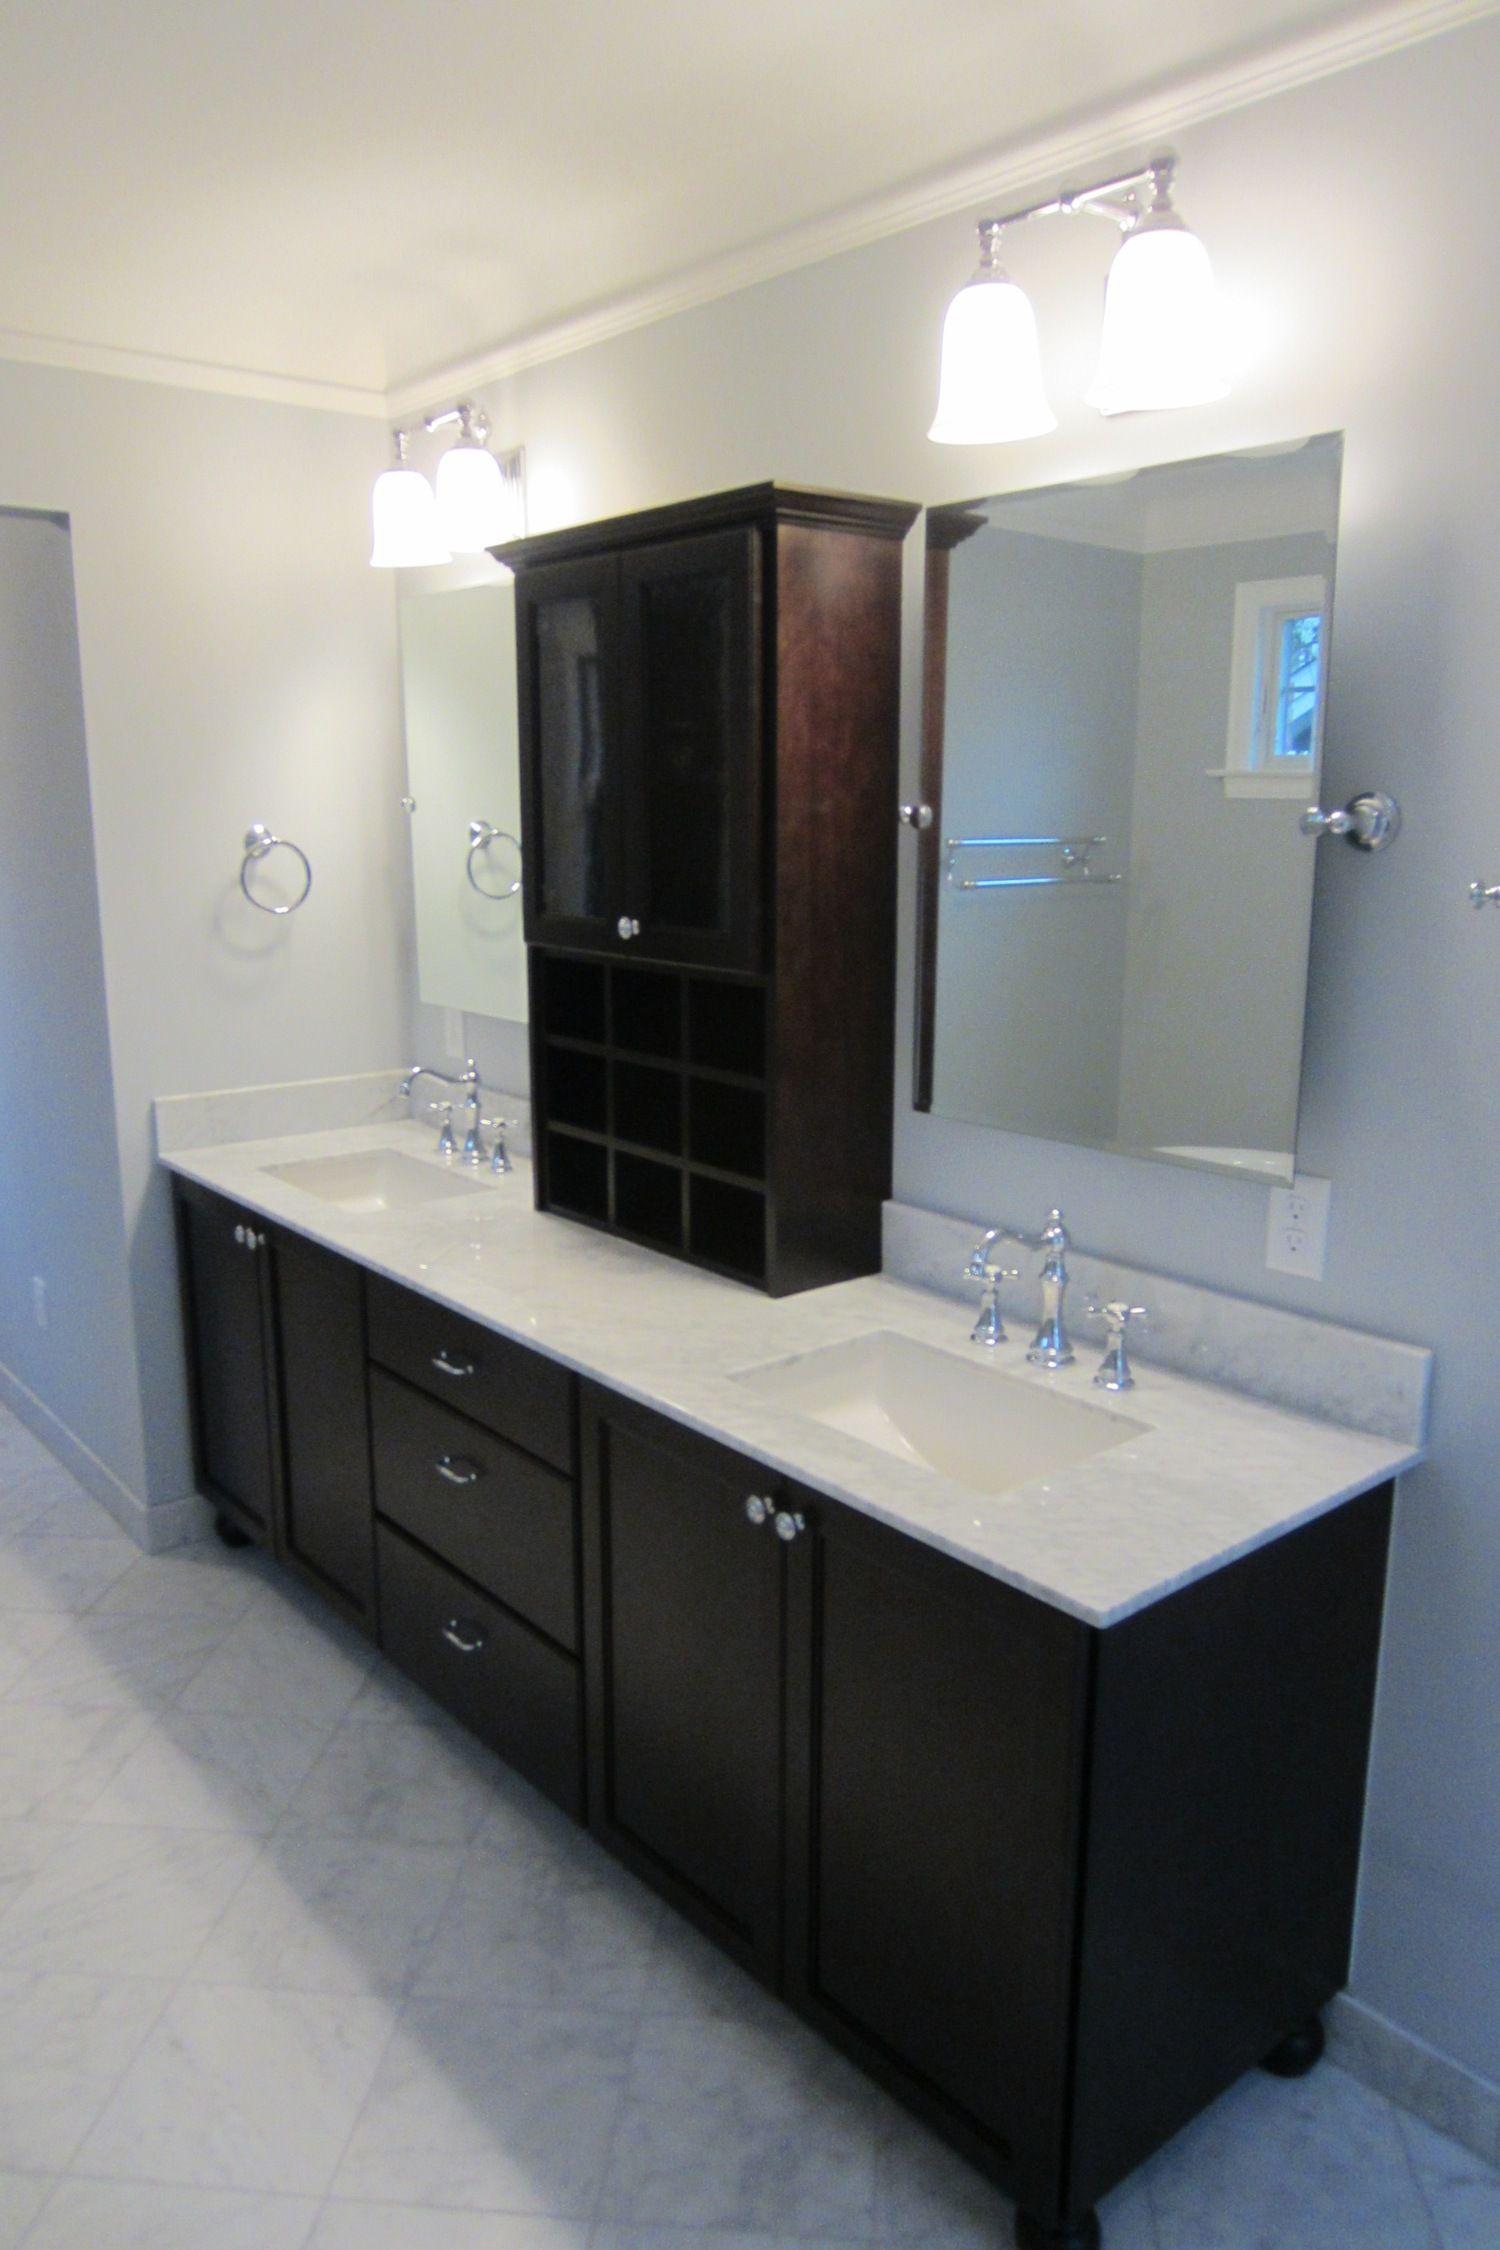 Bathrooms_13.JPG Bathroom, Residential remodel, Master